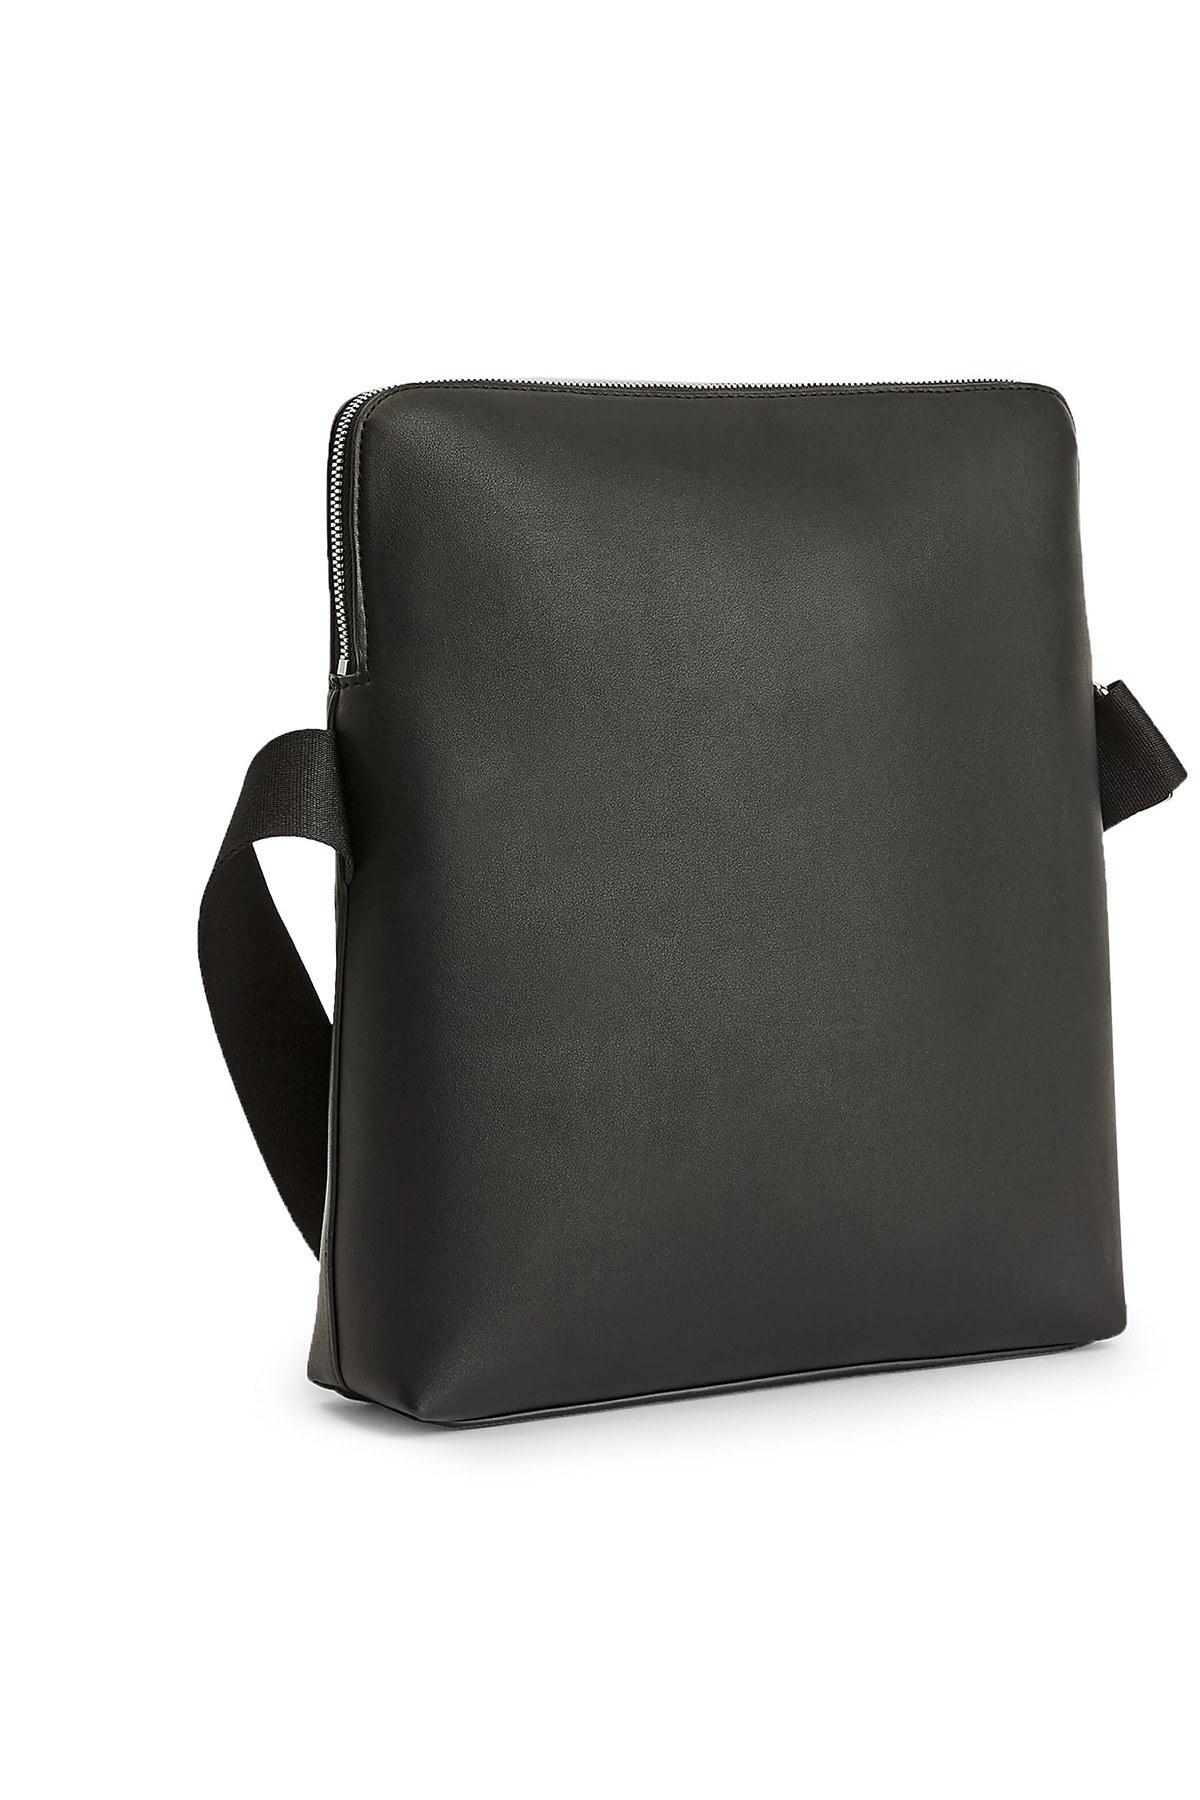 Calvin Klein Marka Logolu Ayarlanabilir Askılı Erkek Çanta K50K506158 BDS SİYAH